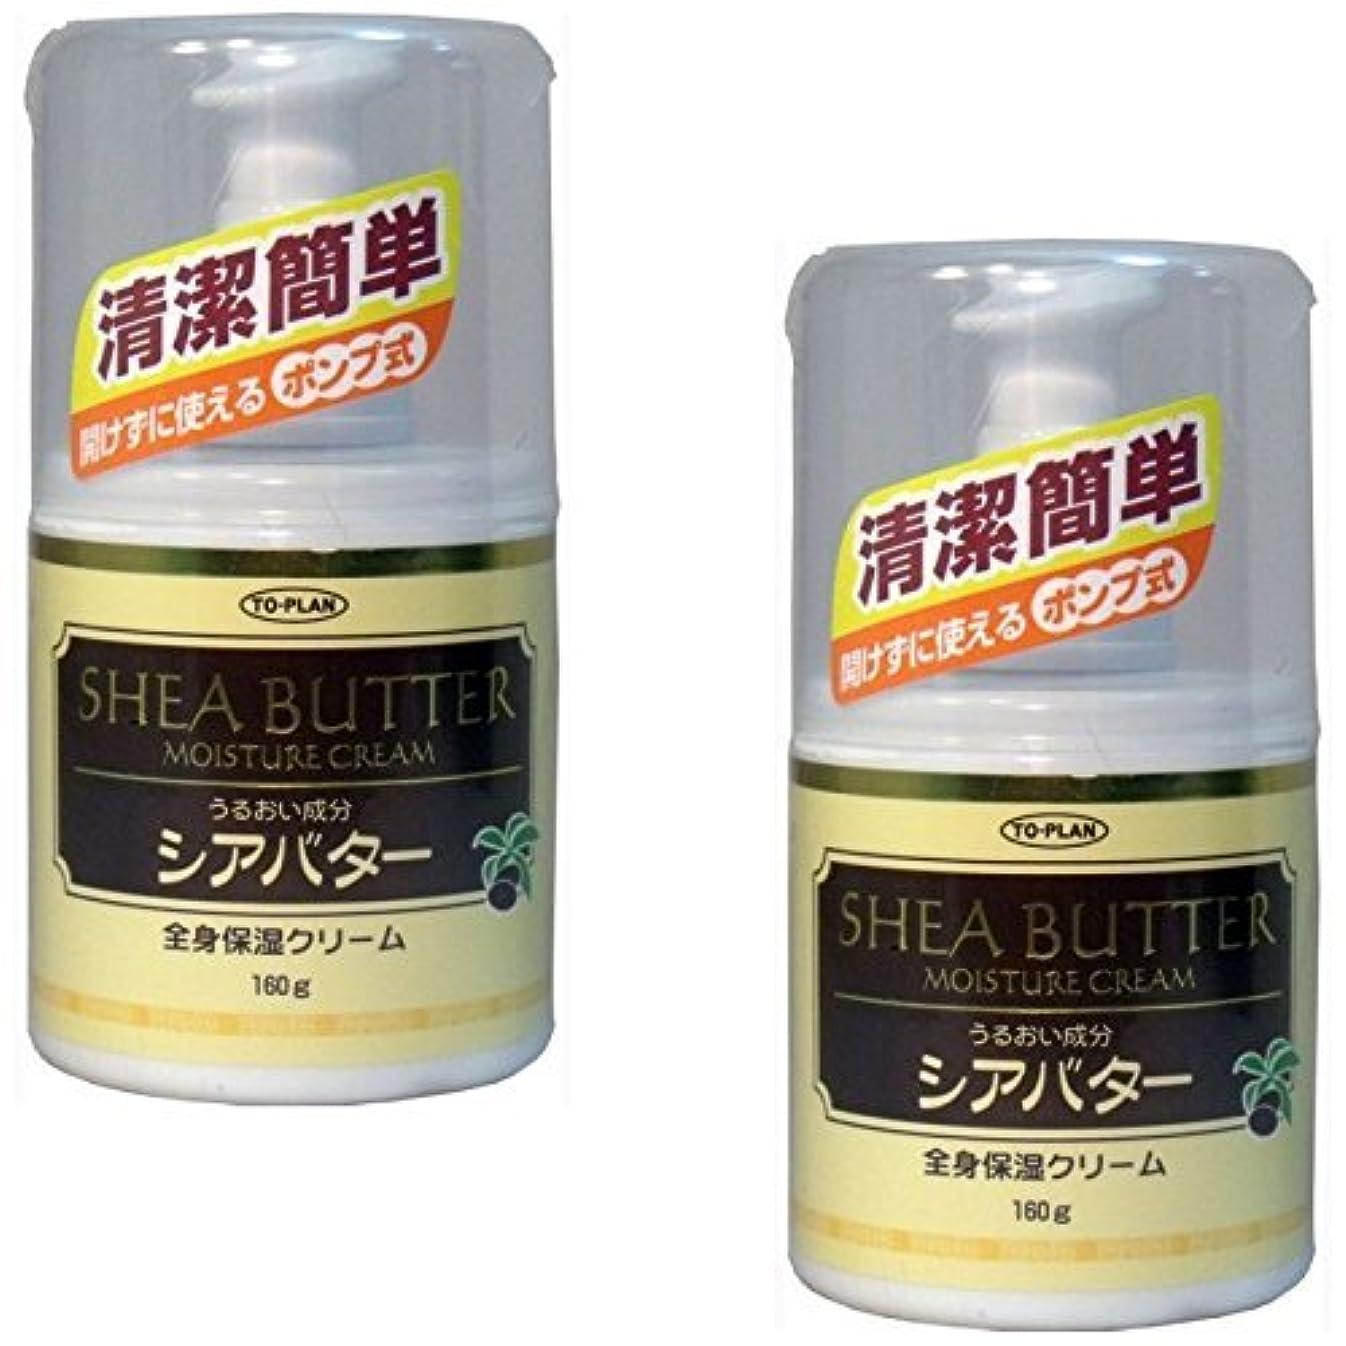 【まとめ買い】トプラン シアバター ハンディポンプ 160g【×2個】